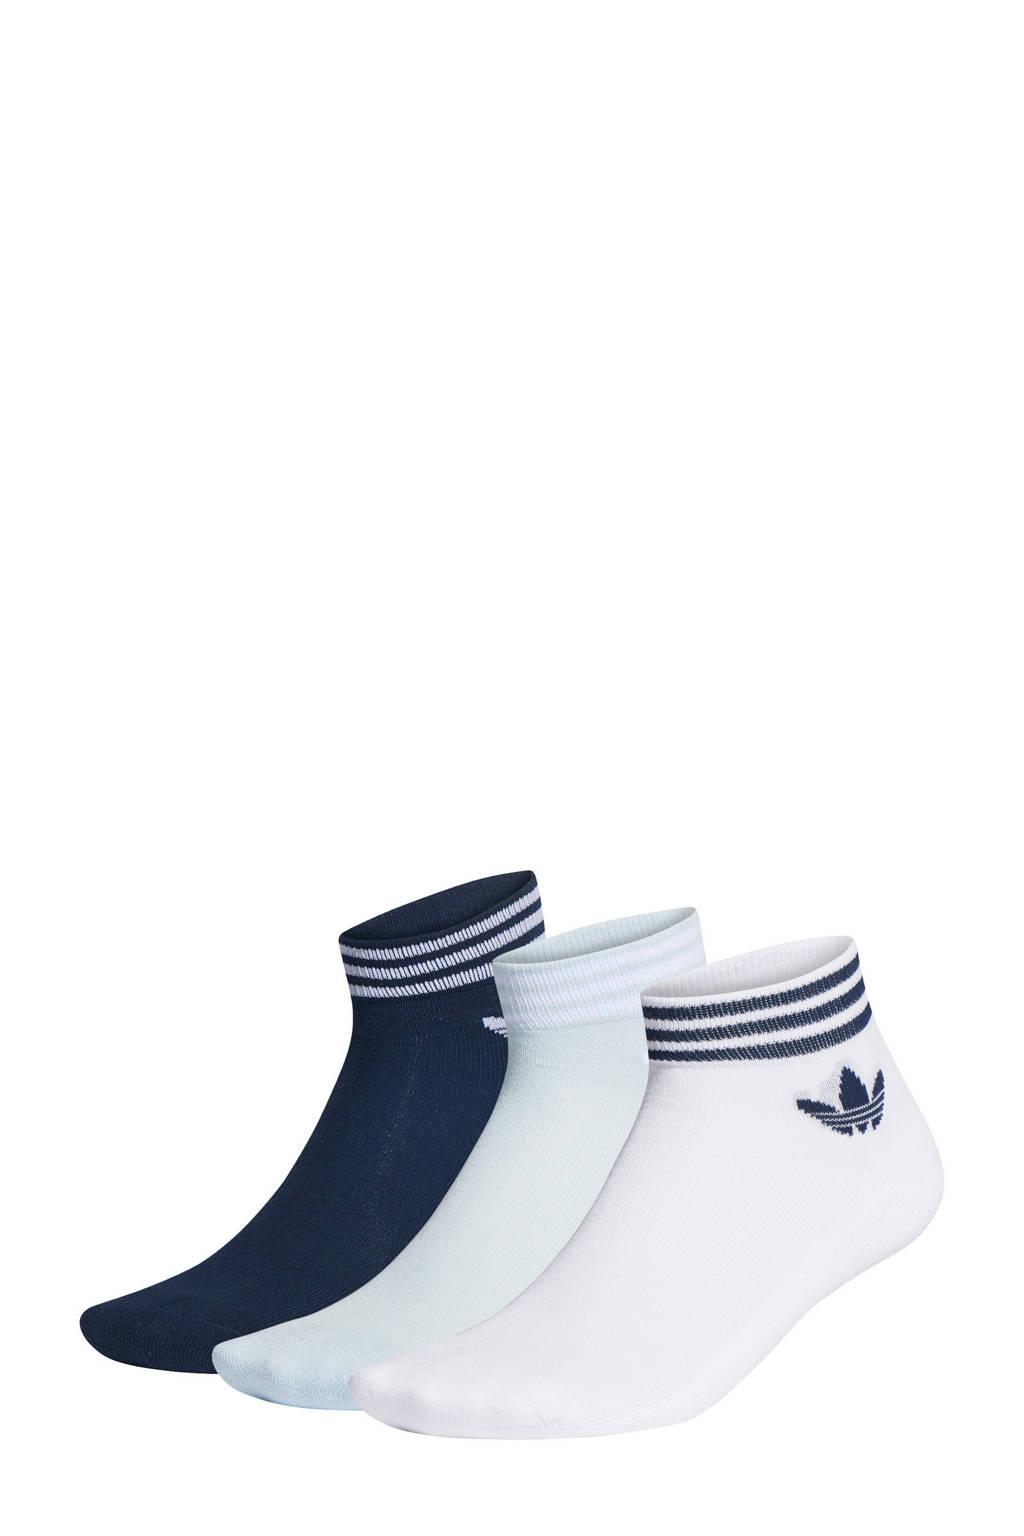 adidas Originals   Adicolor enkelsokken (set van 3), Blauw/wit